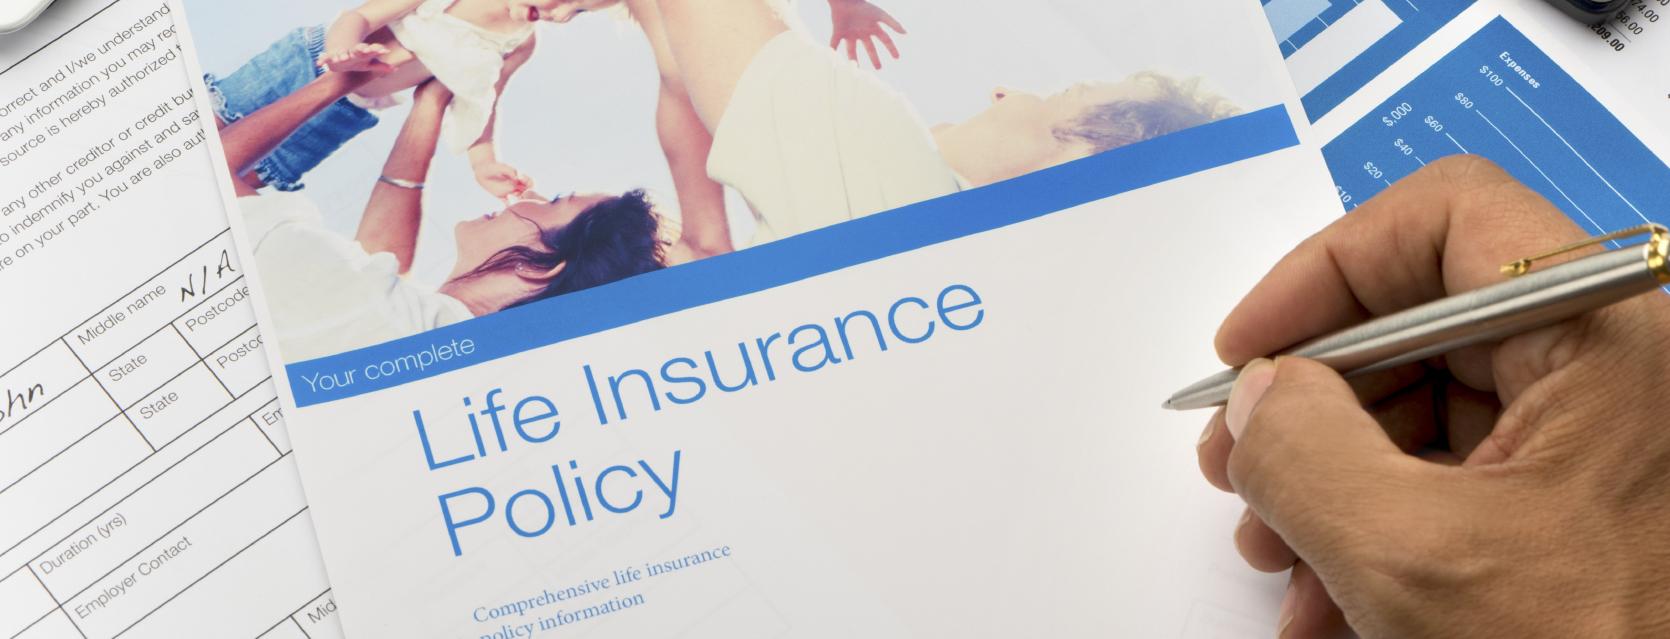 insurance broker essay